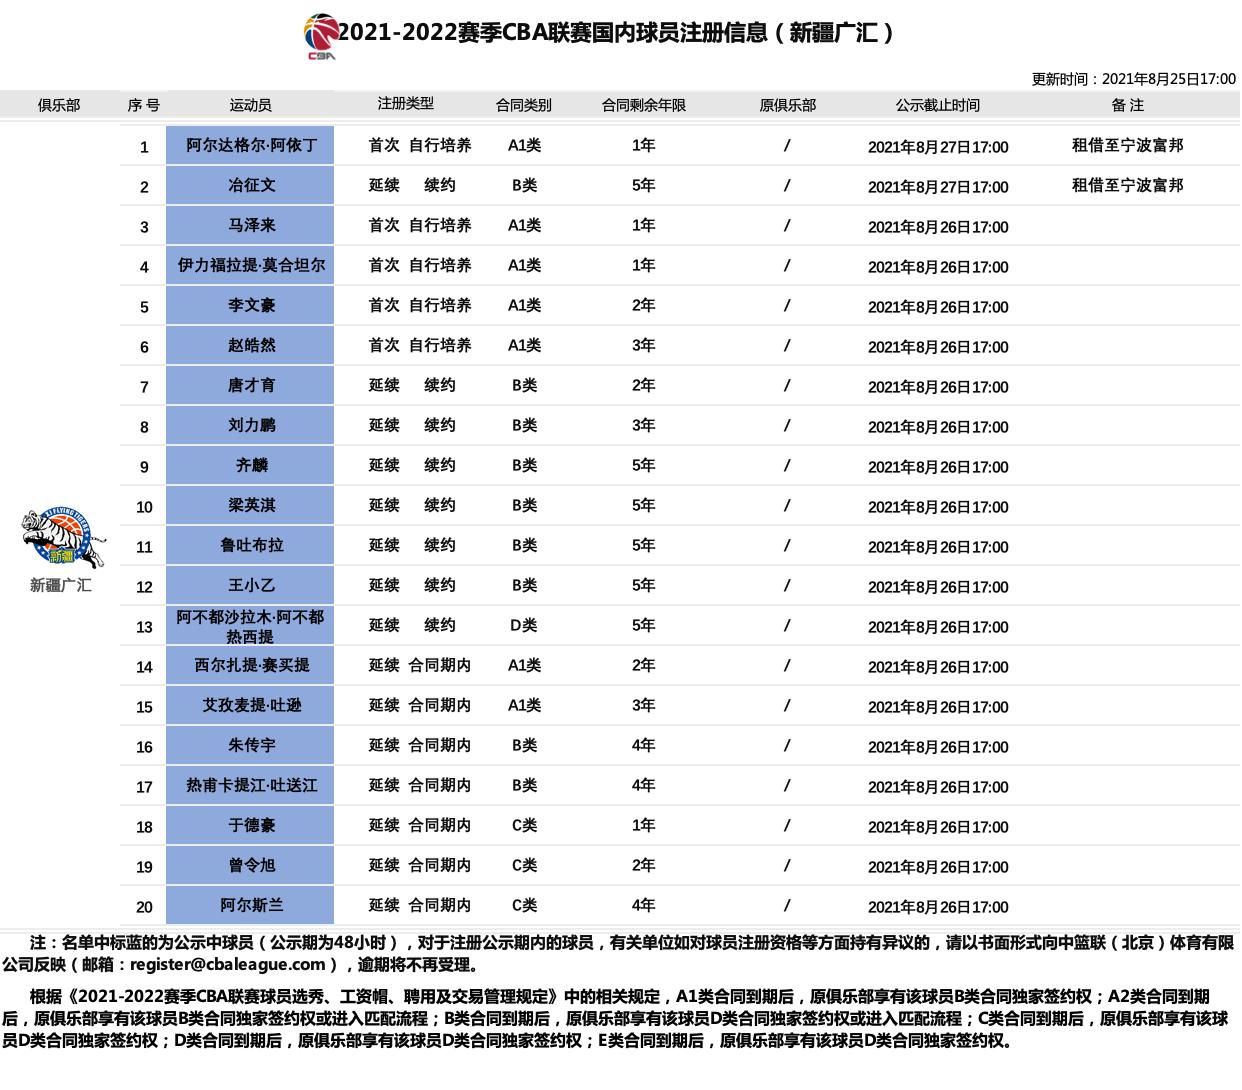 新疆国内球员注册信息:顶薪仅一人 阿尔斯兰C类长约